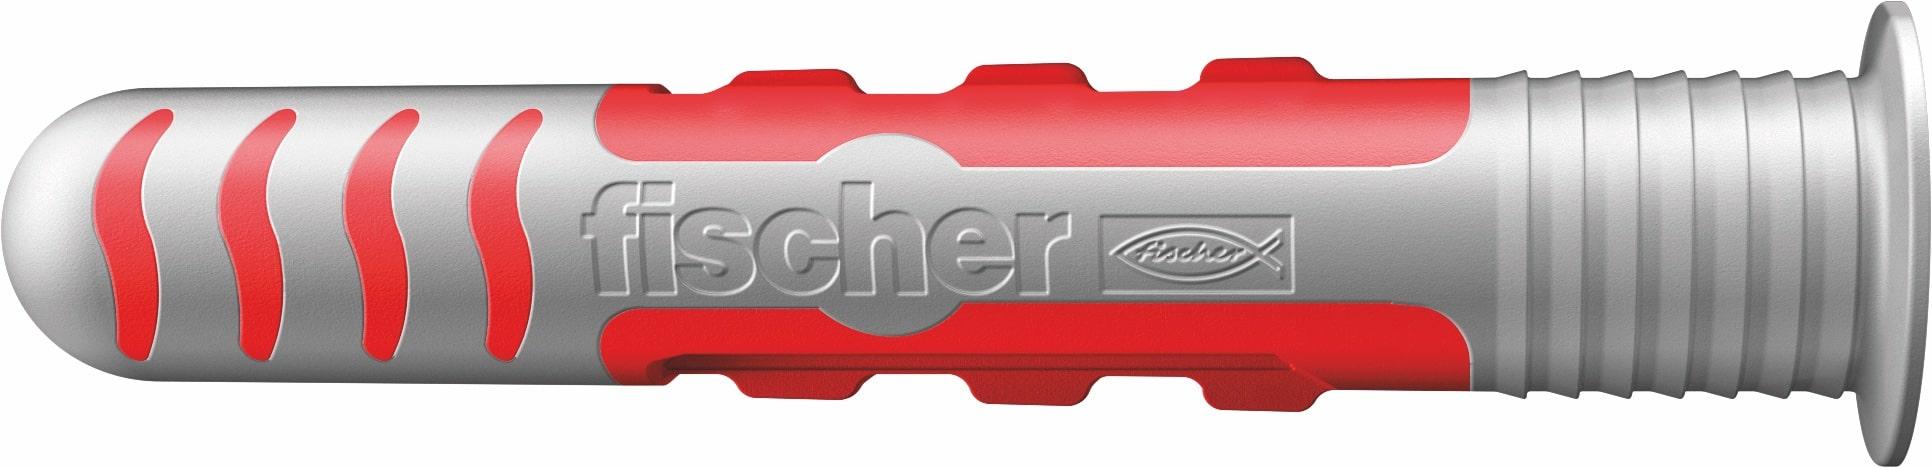 DuoSeal-fischer